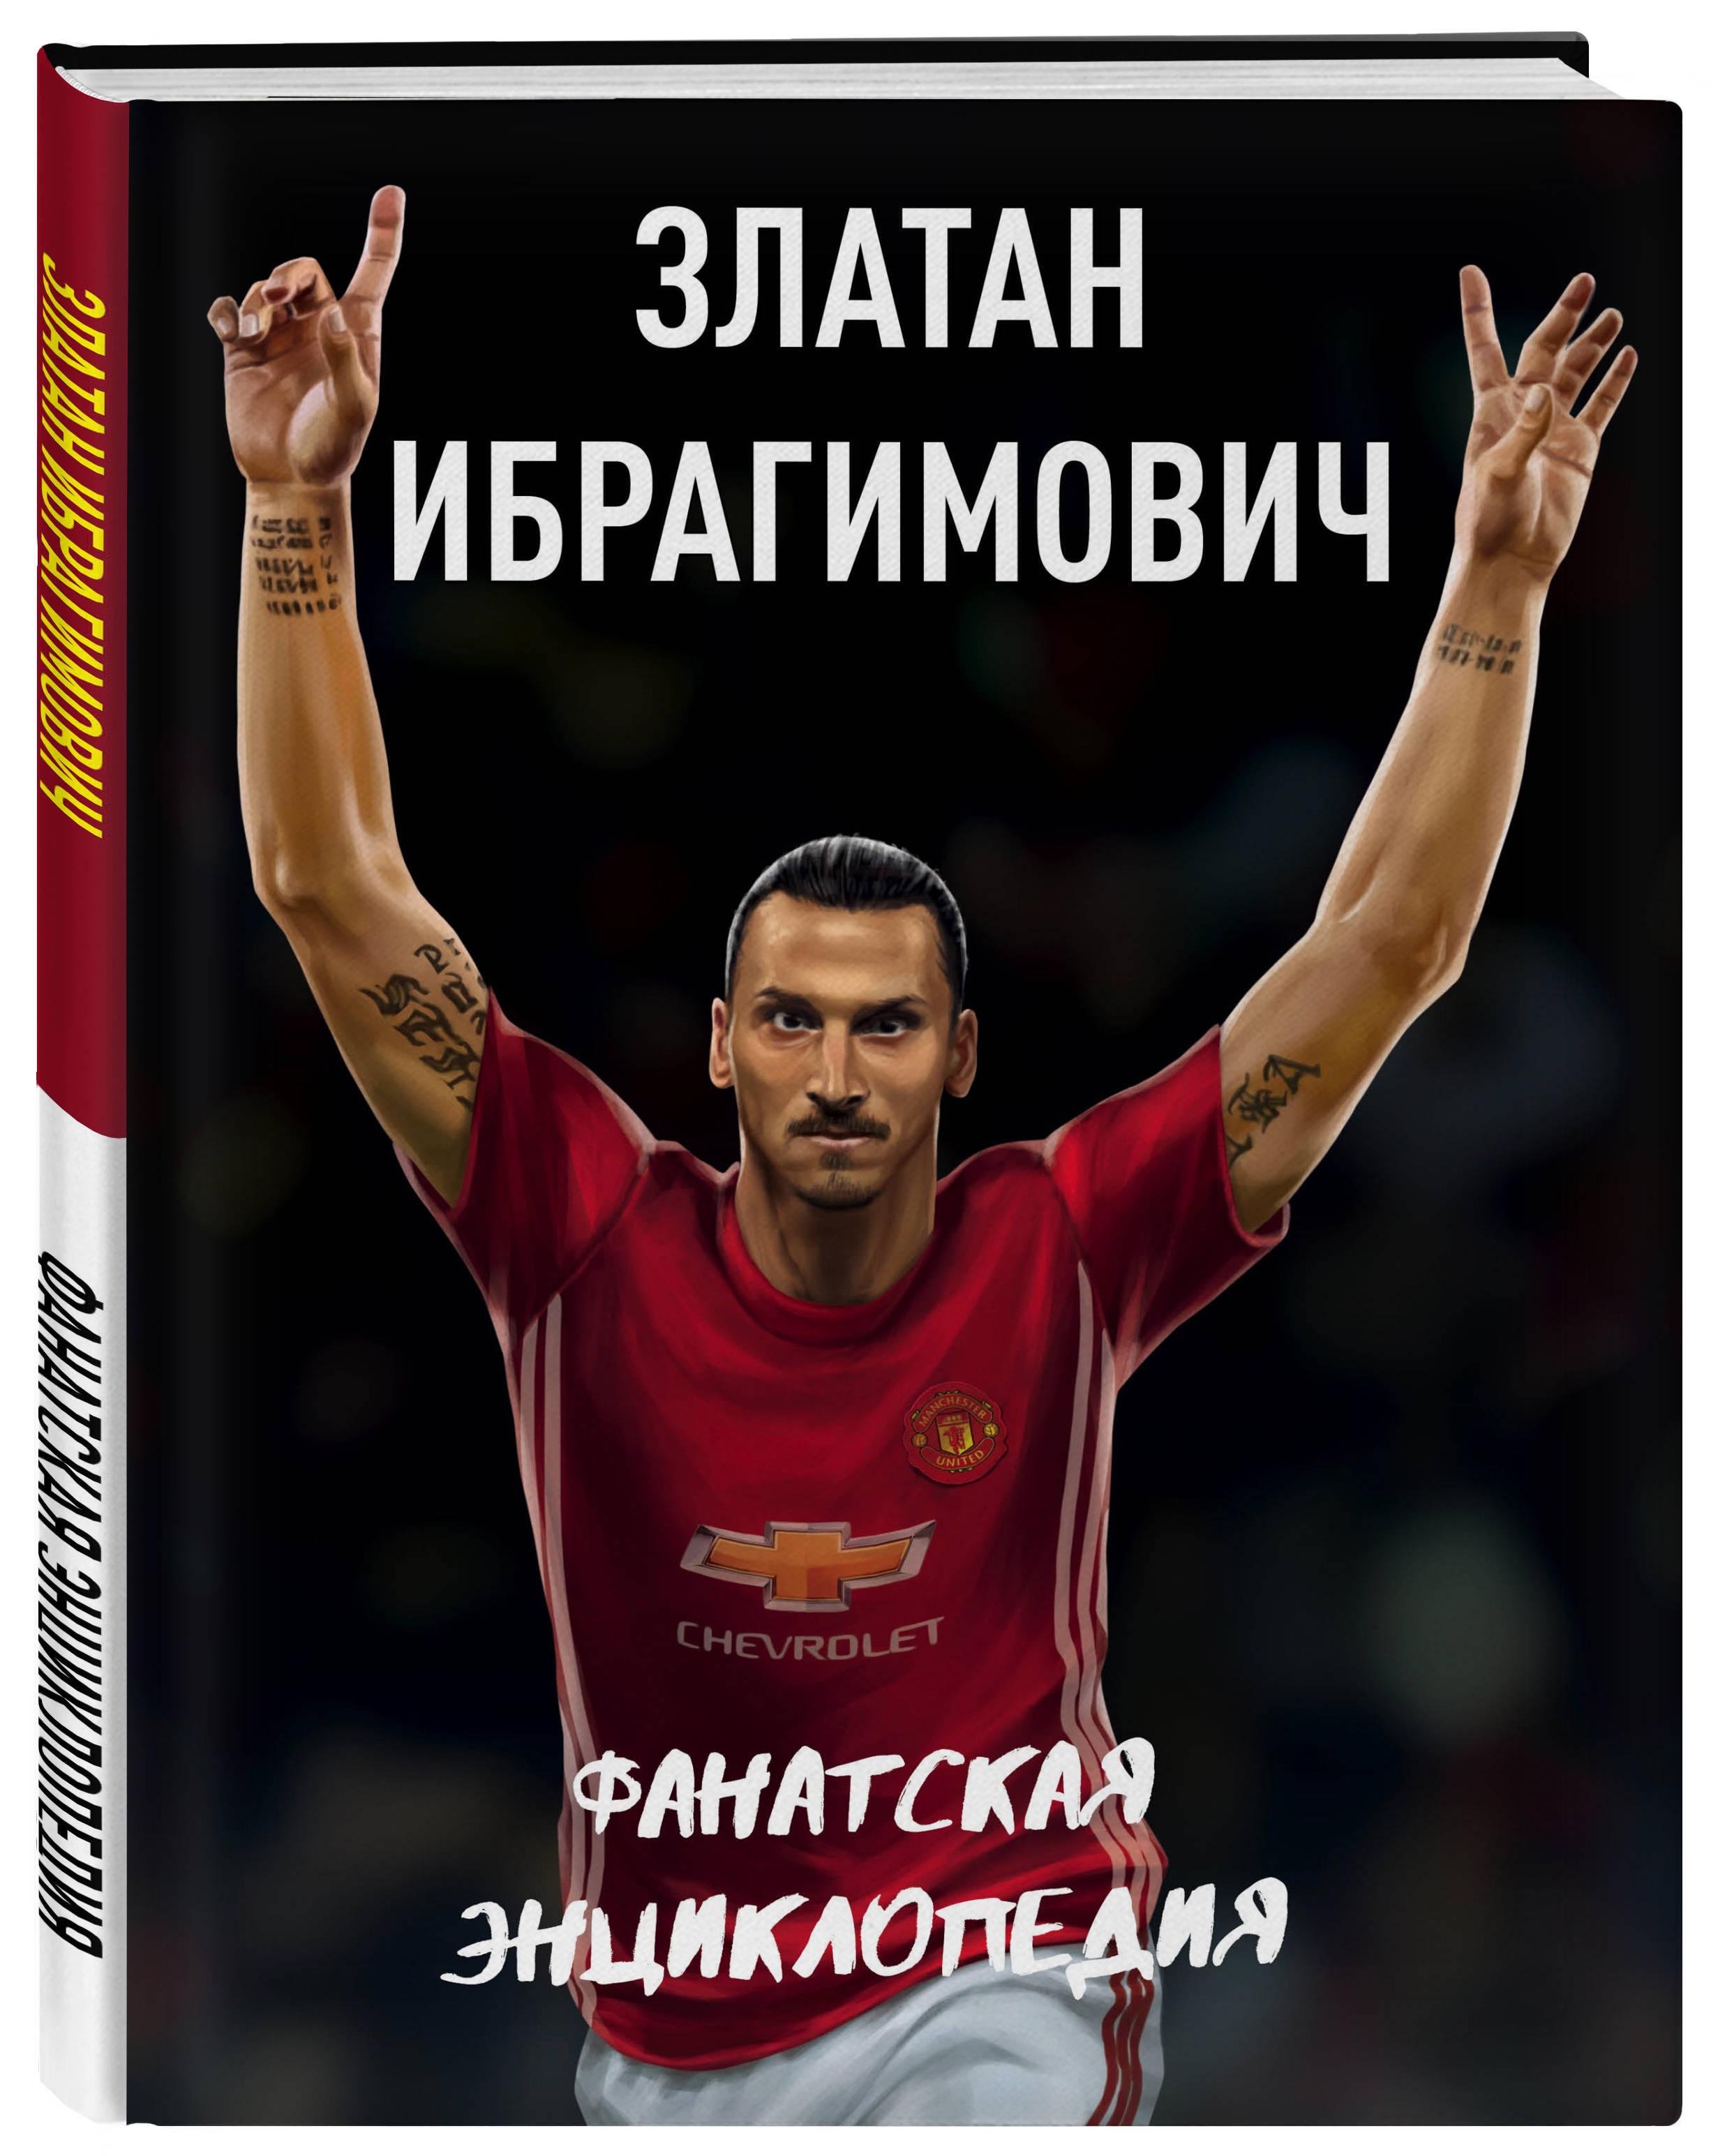 Златан Ибрагимович. Фанатская энциклопедия